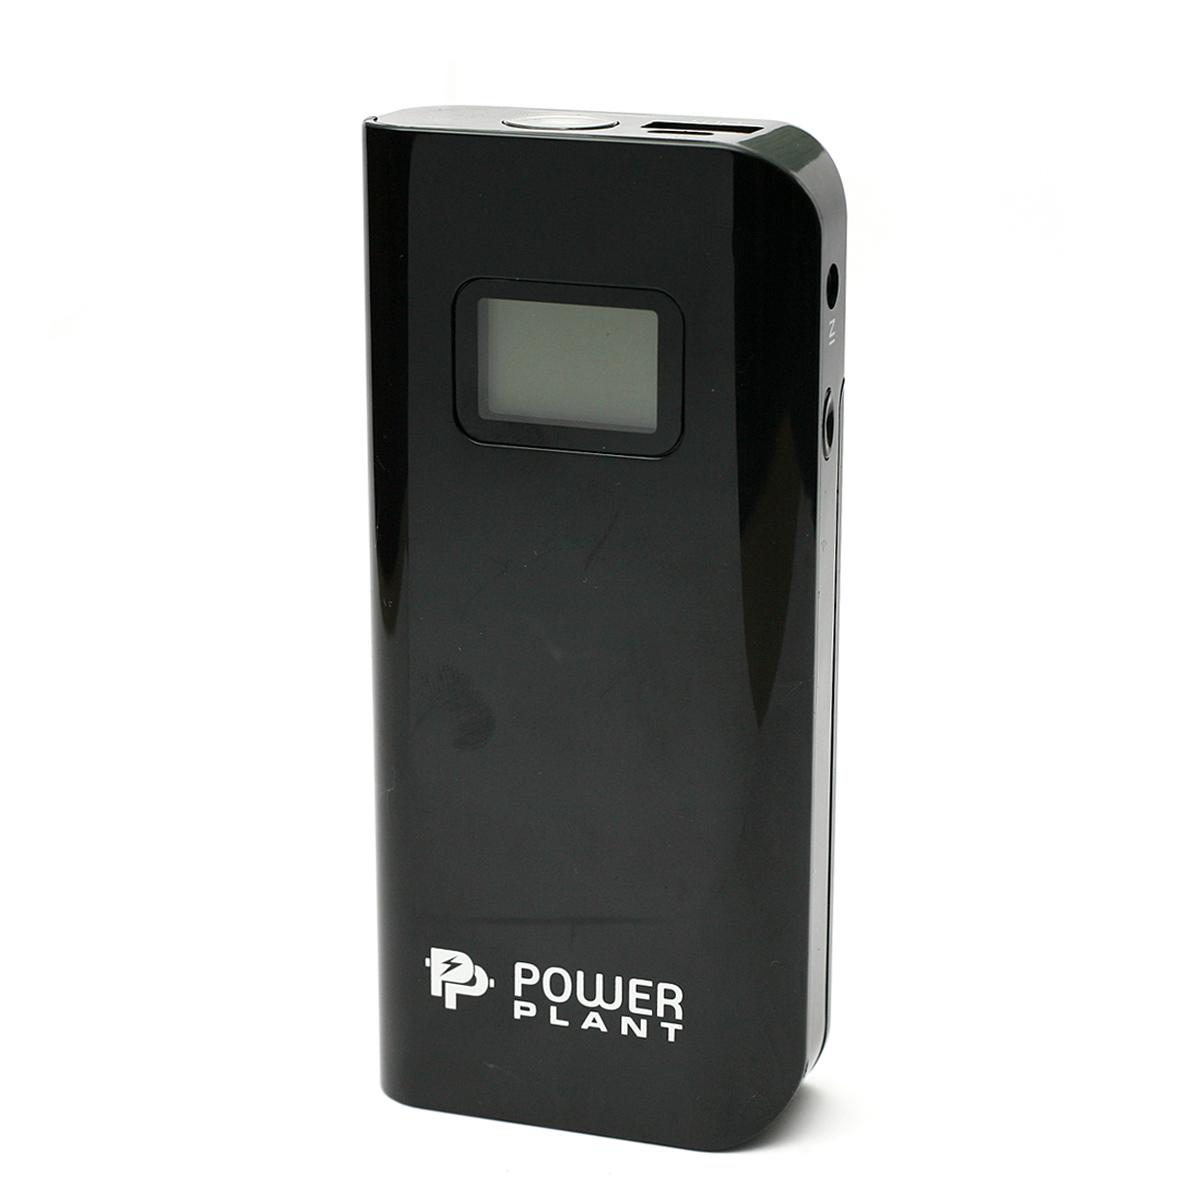 Зарядное устройство / УМБ PowerPlant для аккумуляторов LIR18650/ PS-PC201